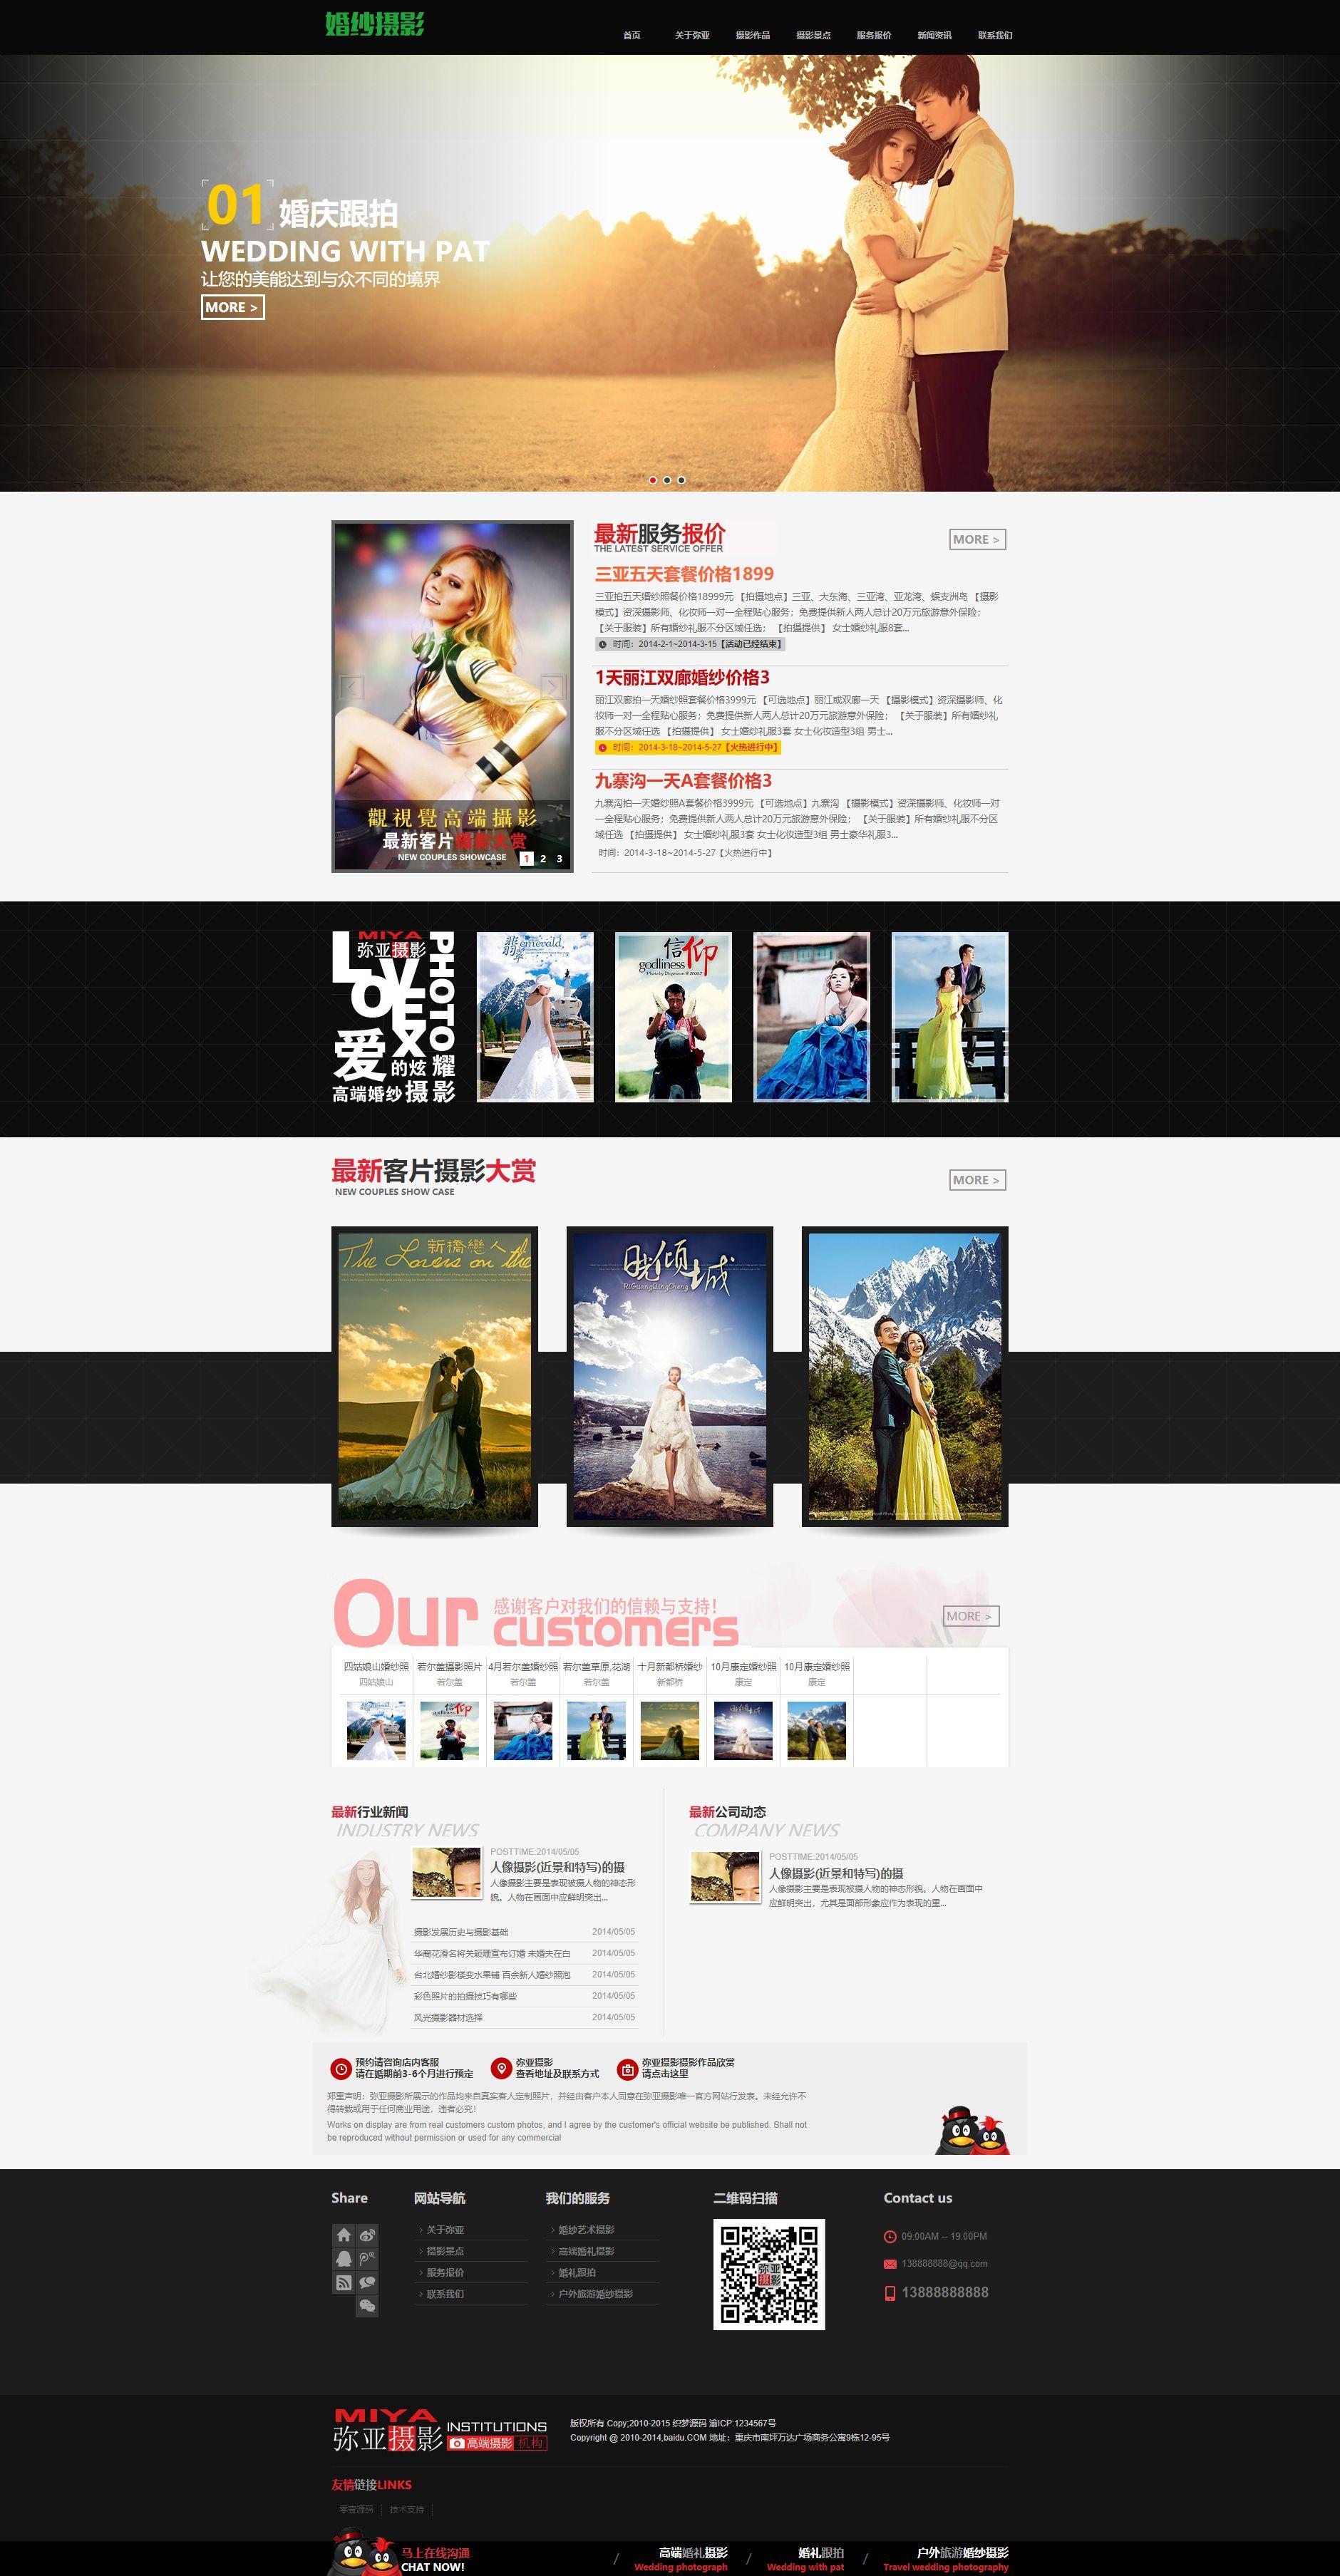 高端HTML5婚纱摄影婚庆婚礼策划公司网站织梦dedecms模板